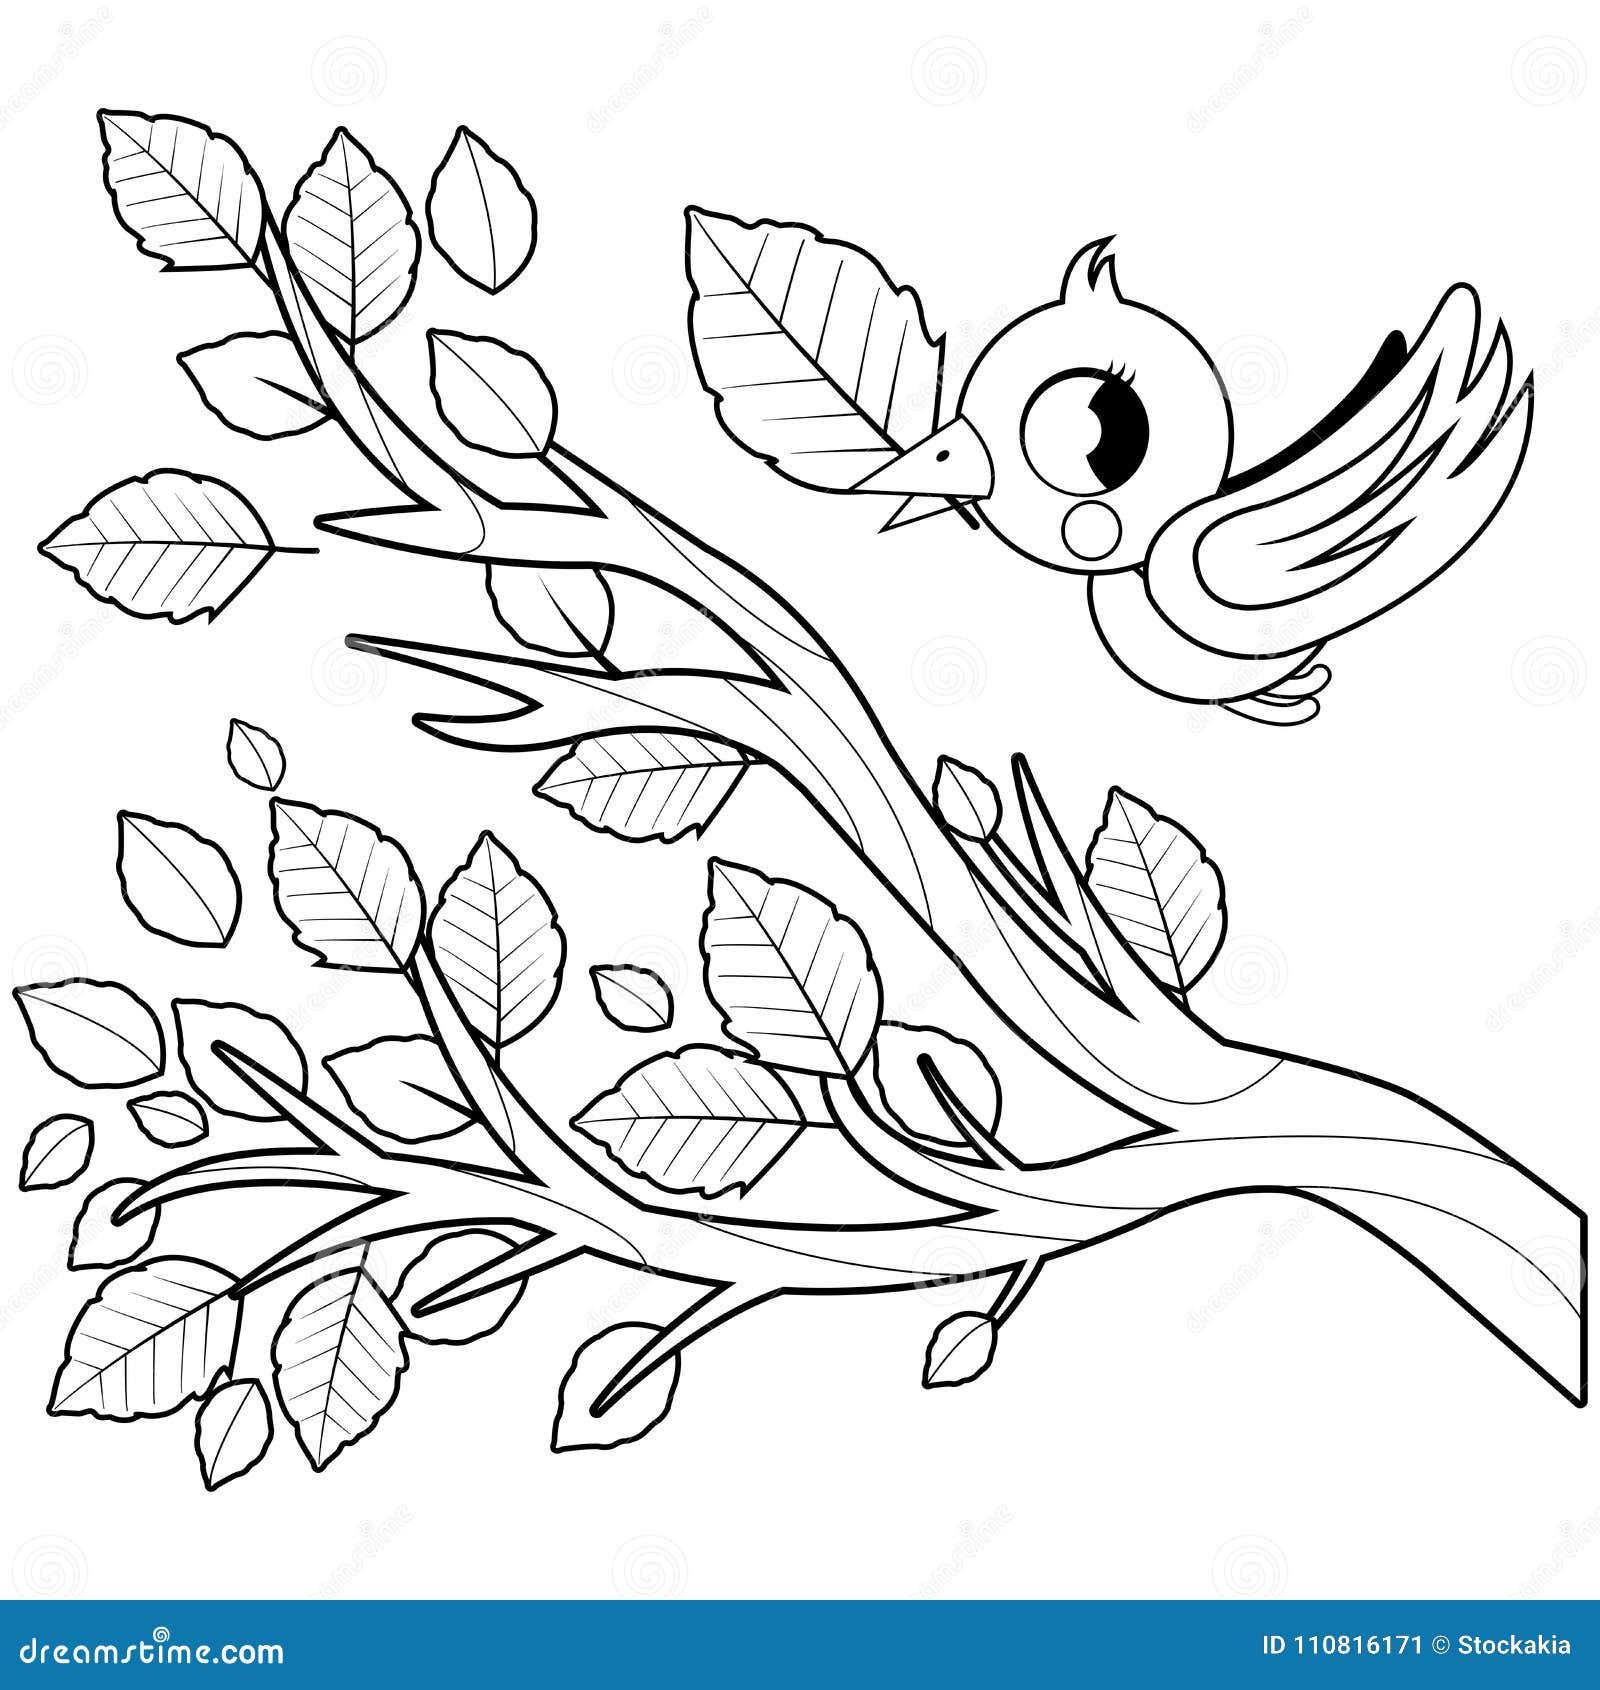 Coloriage Arbre Et Oiseau.Oiseau Dans Le Vol D Automne Et Branche D Arbre Avec Les Feuilles